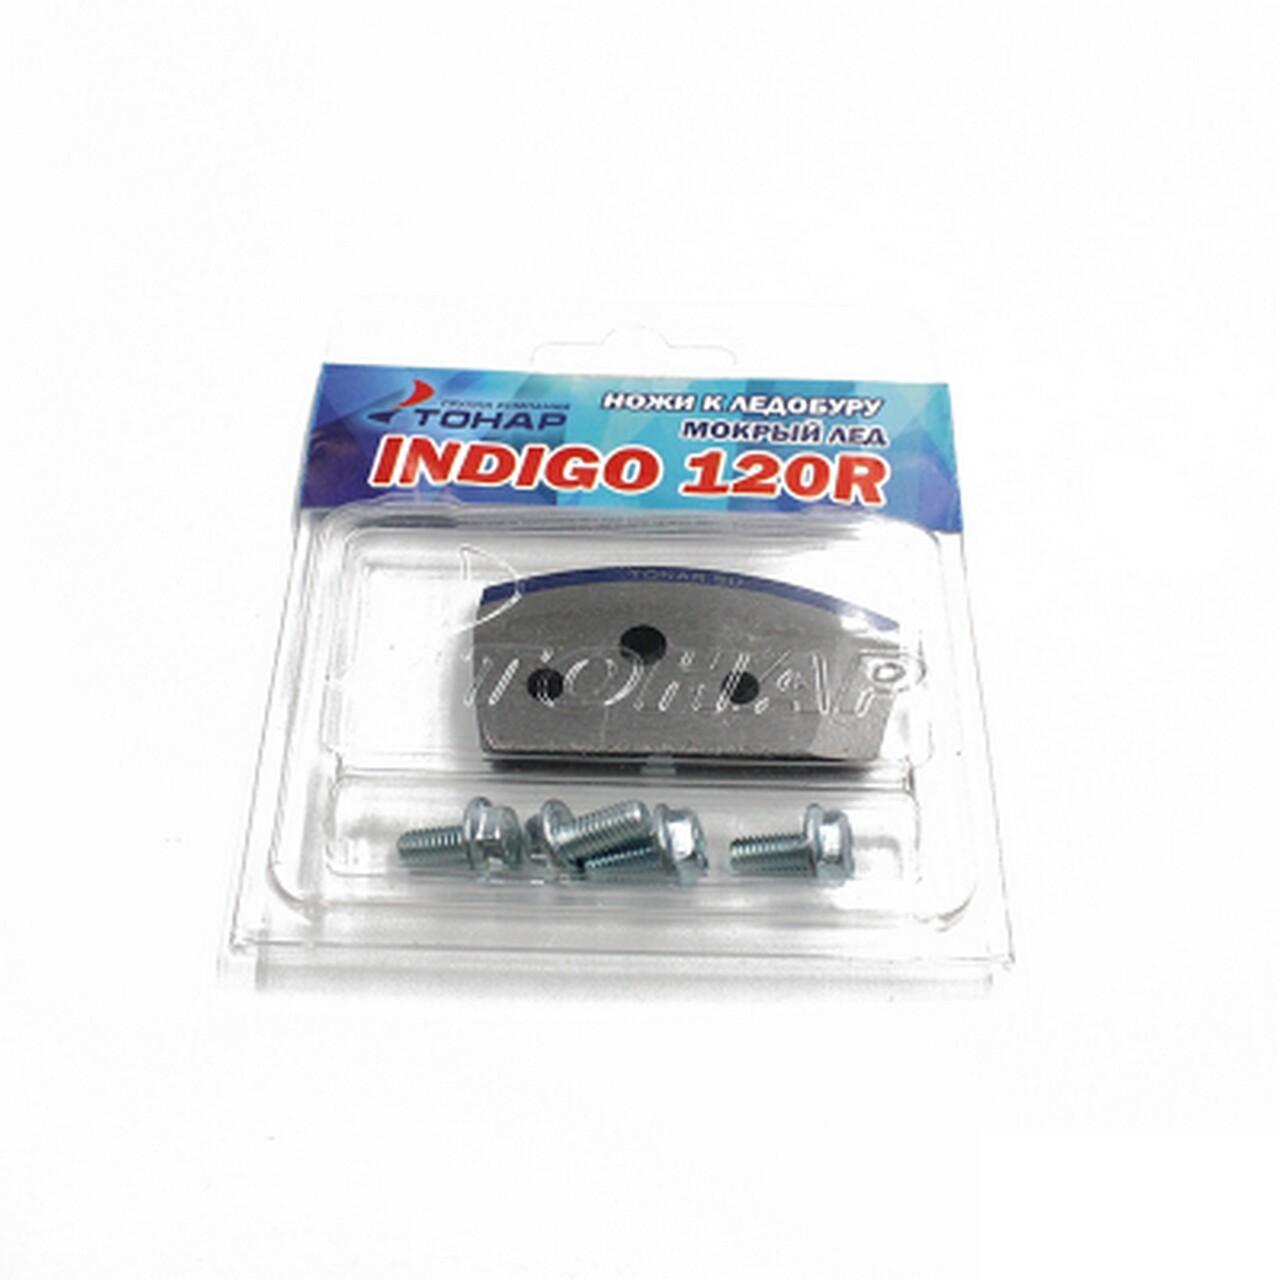 Ножи к ледобуру INDIGO-120(R) (мокрый лед) (ТОНАР)